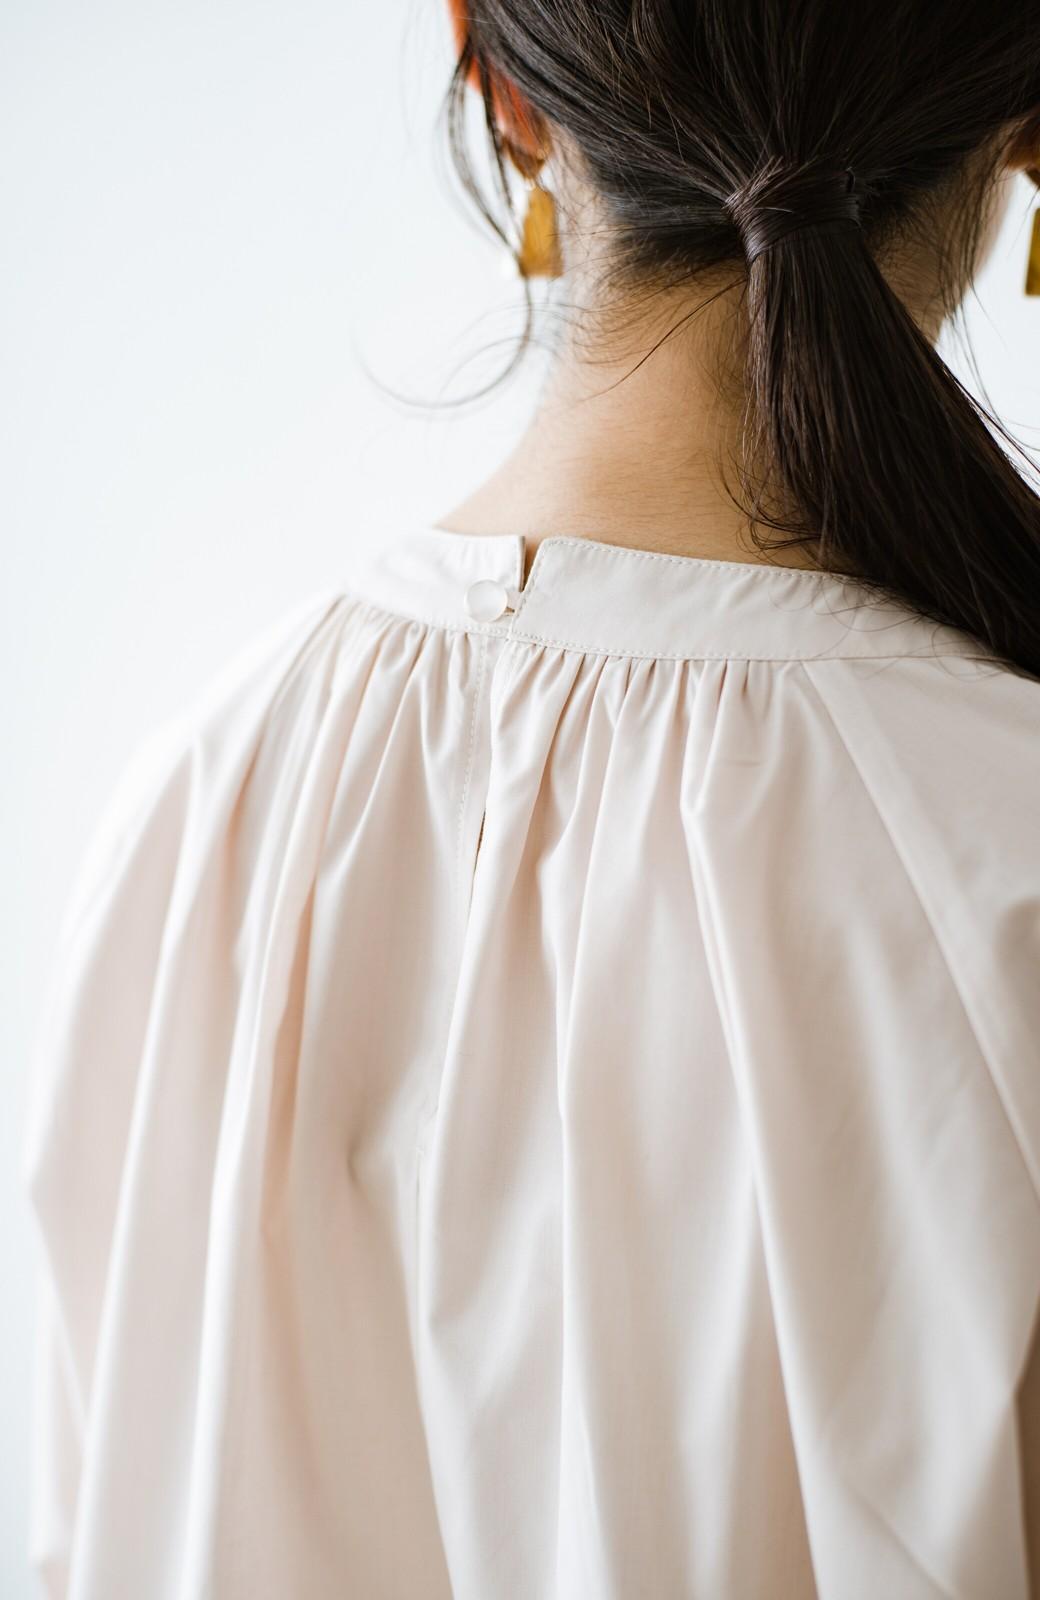 haco! パッと着るだけで新鮮&おしゃれ見え!ゆるめサイズが今っぽいチャイナボタンブラウス <ライトベージュ>の商品写真7